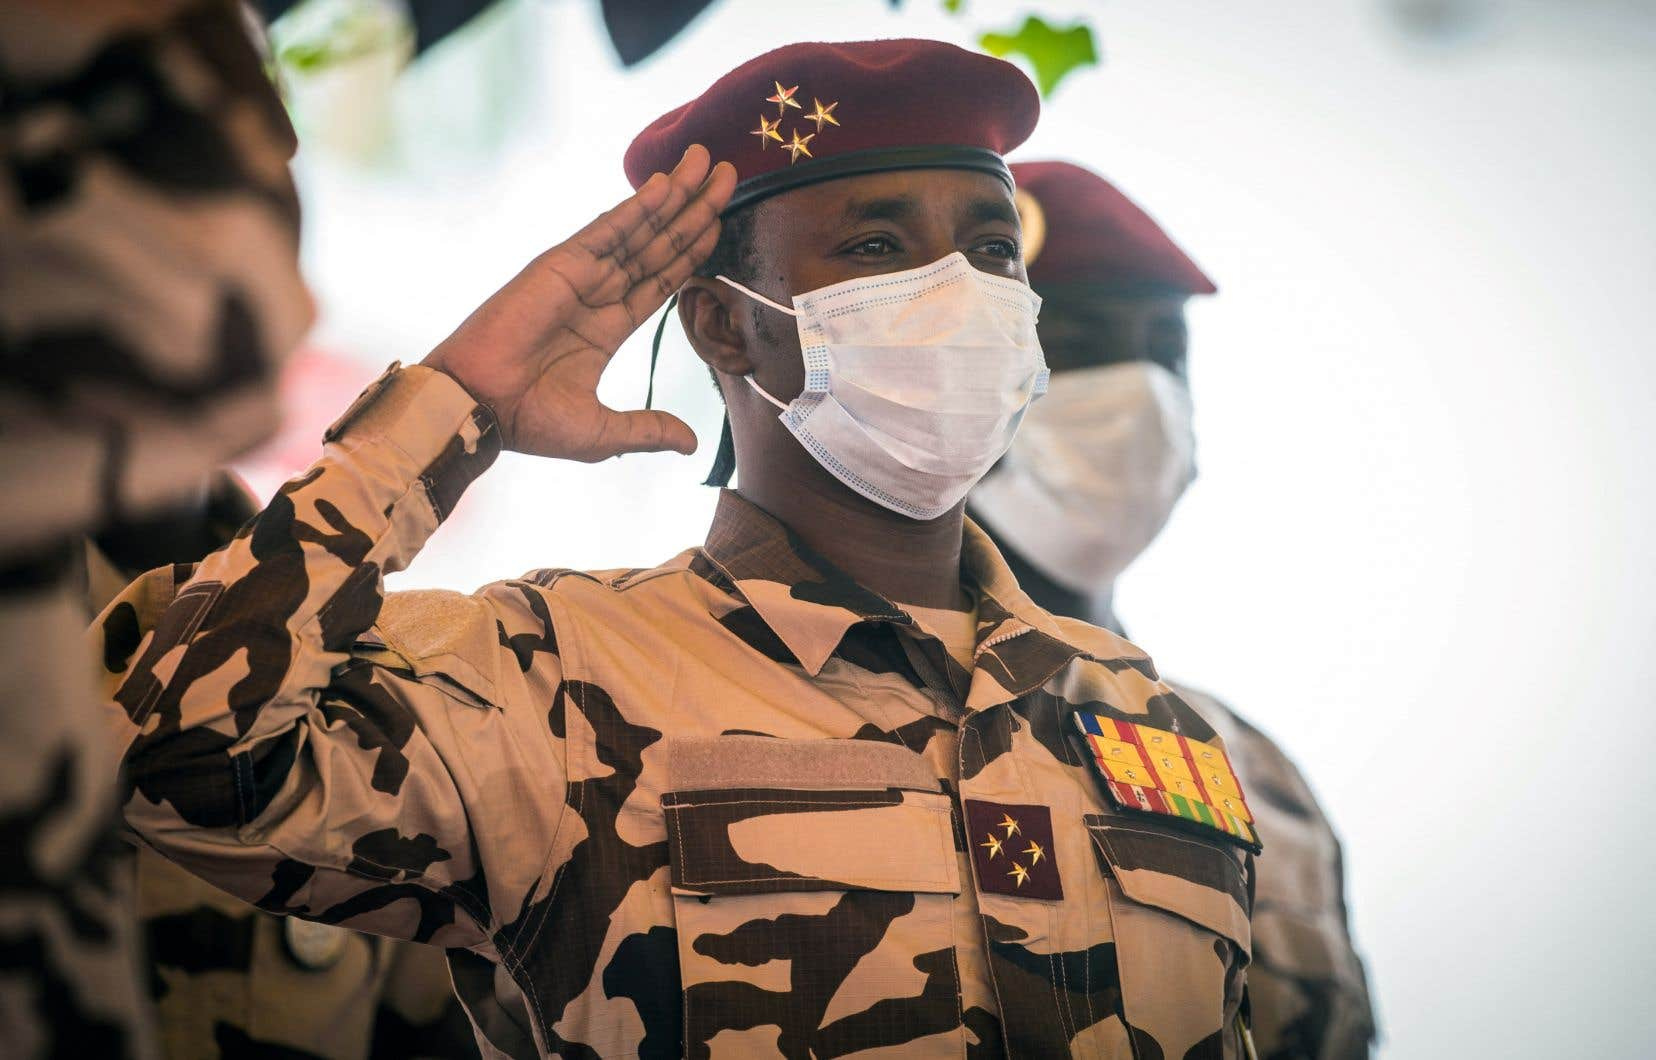 Depuis sa mise en place au lendemain de la mort soudaine du chef de l'État, le Conseil militaire de transition (CMT), présidé par Mahamat Idriss Déby (sur la photo) entouré de 14 généraux, est accusé par l'opposition et la société civile de «coup d'État institutionnel».